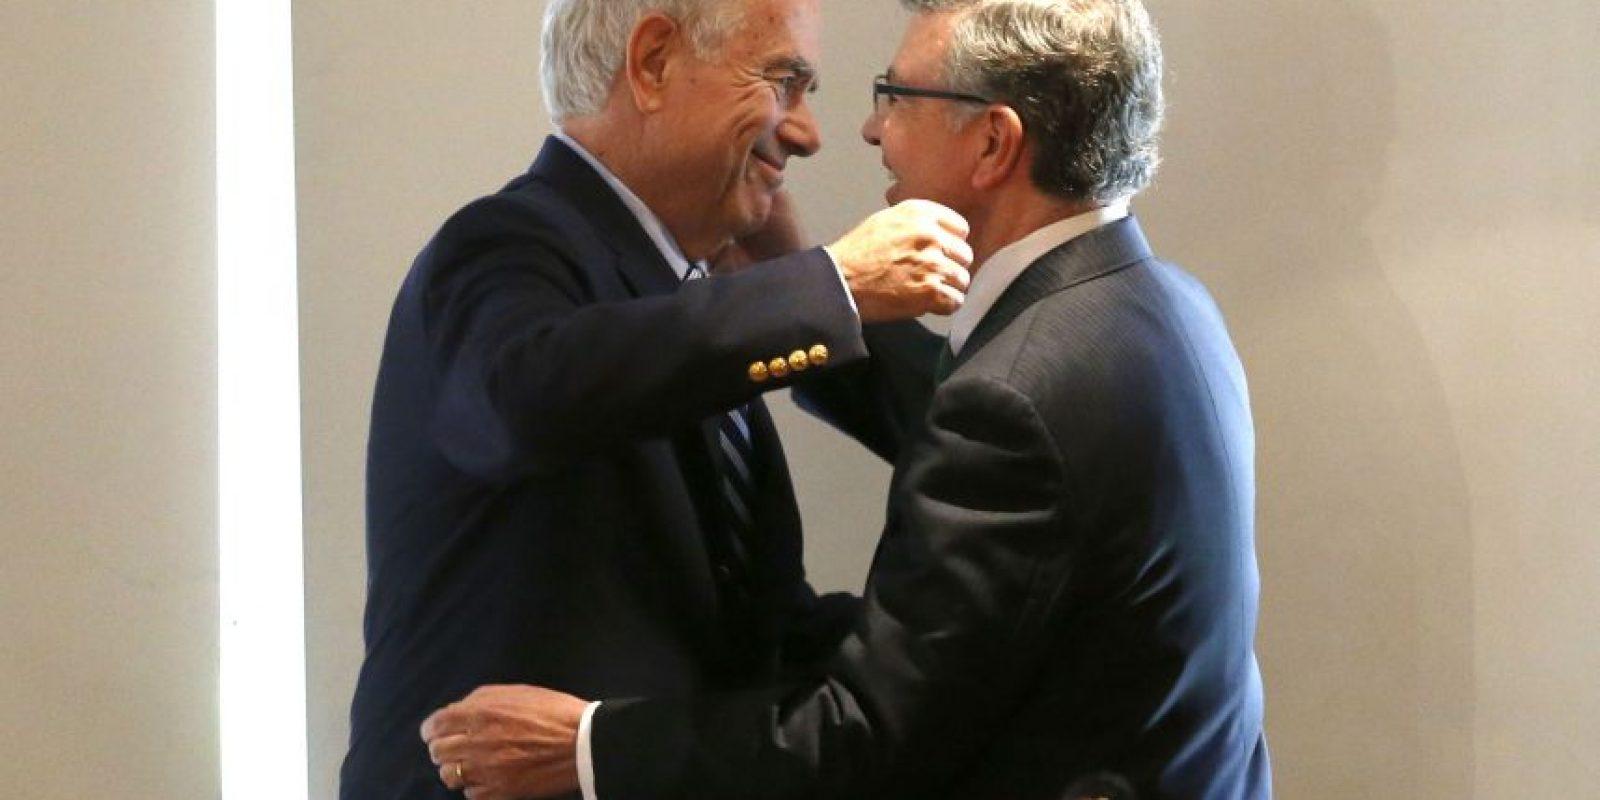 Tras 17 años desde que dejó el cargo, Joaquín Lavín vuelve a ser alcalde de Las Condes. En la foto, junto a su ahora predecesor, Francisco De la Maza Foto:Agencia UNO. Imagen Por: